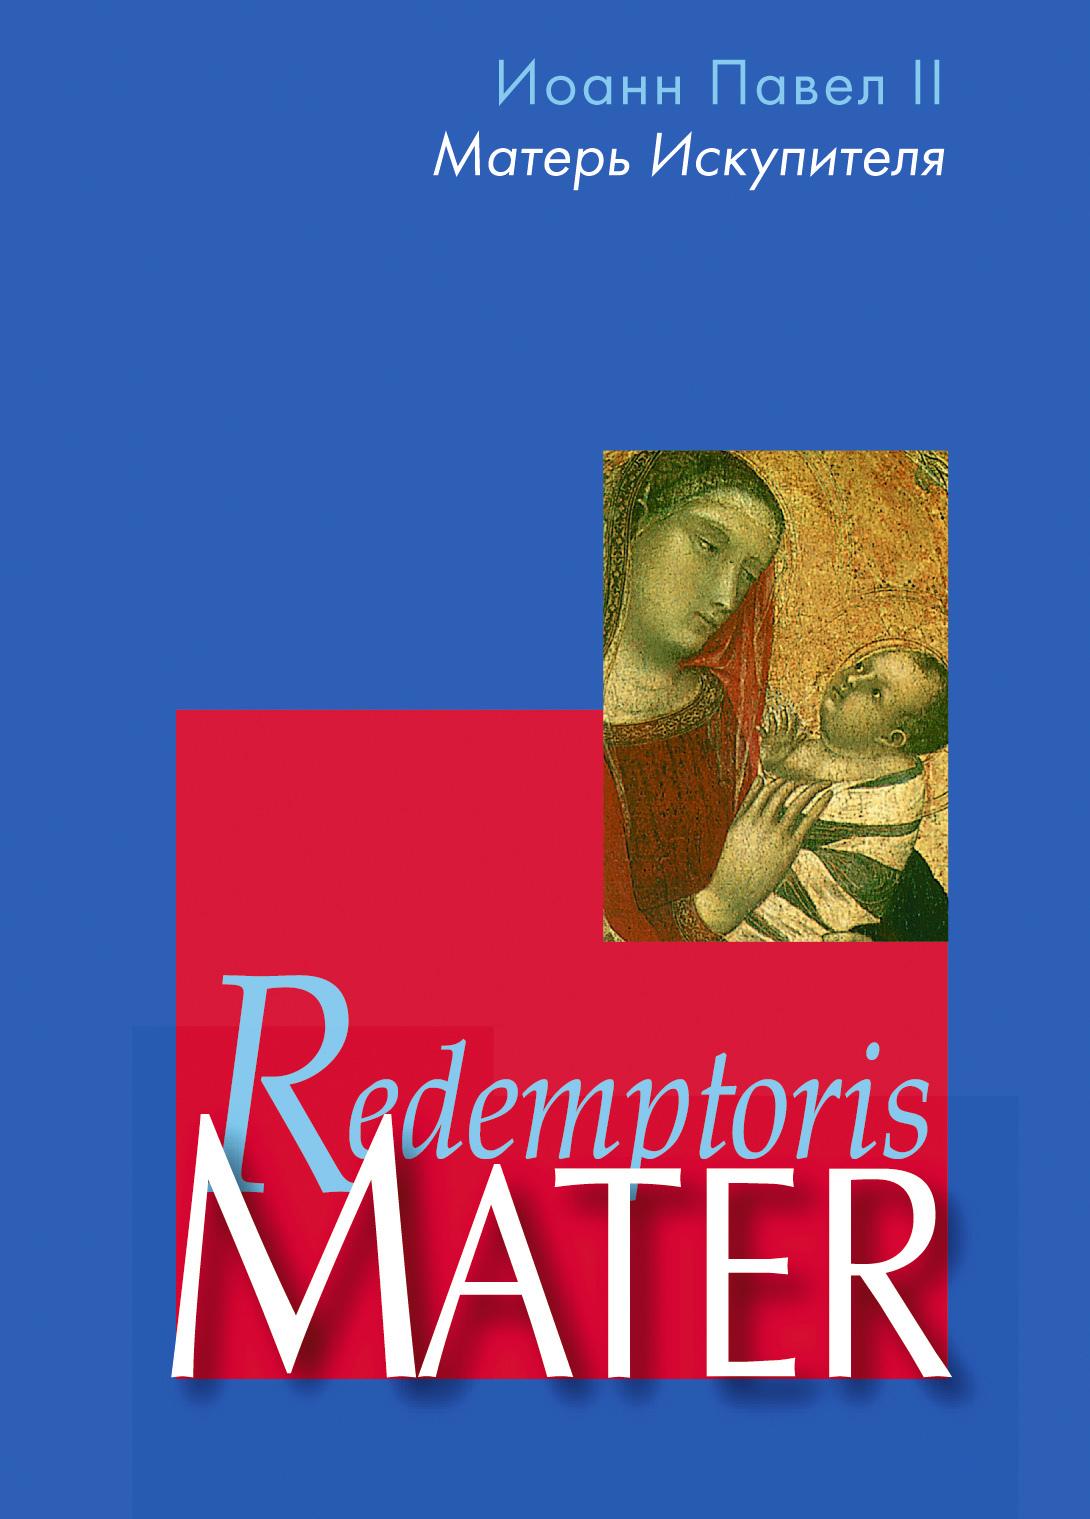 Иоанн Павел II - Энциклика «Матерь Искупителя» (Redemptoris Mater) Папы Римского Иоанна Павла II, посвященная Пресвятой Деве Марии как Матери Искупителя